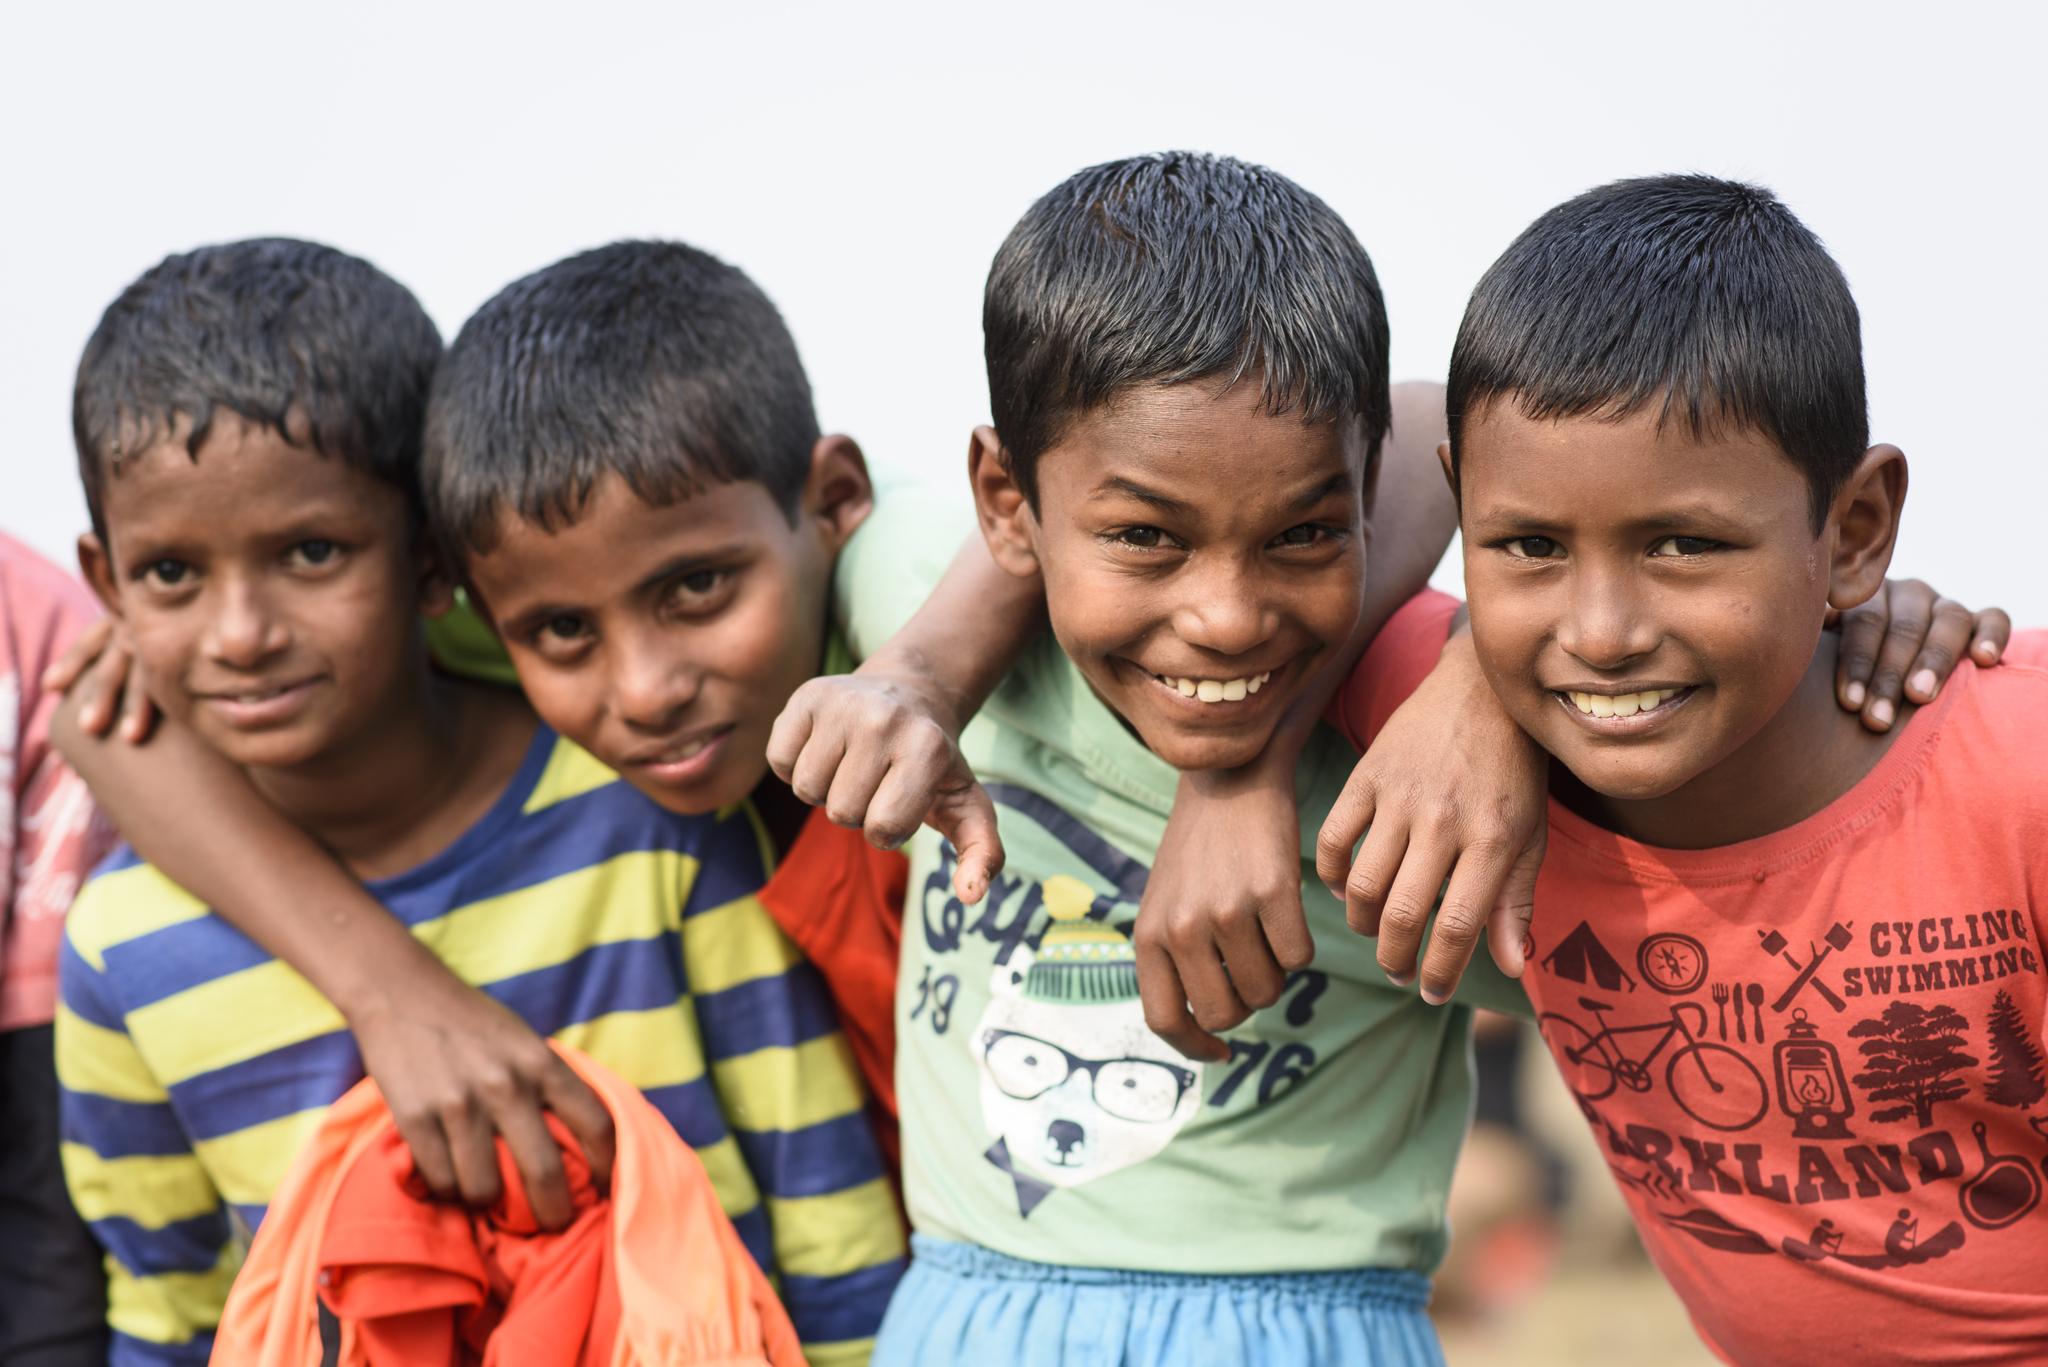 Spenden, so einfach gehts! Stück zum Glück / P&G, REWE & die Kindernothilfe sagen danke